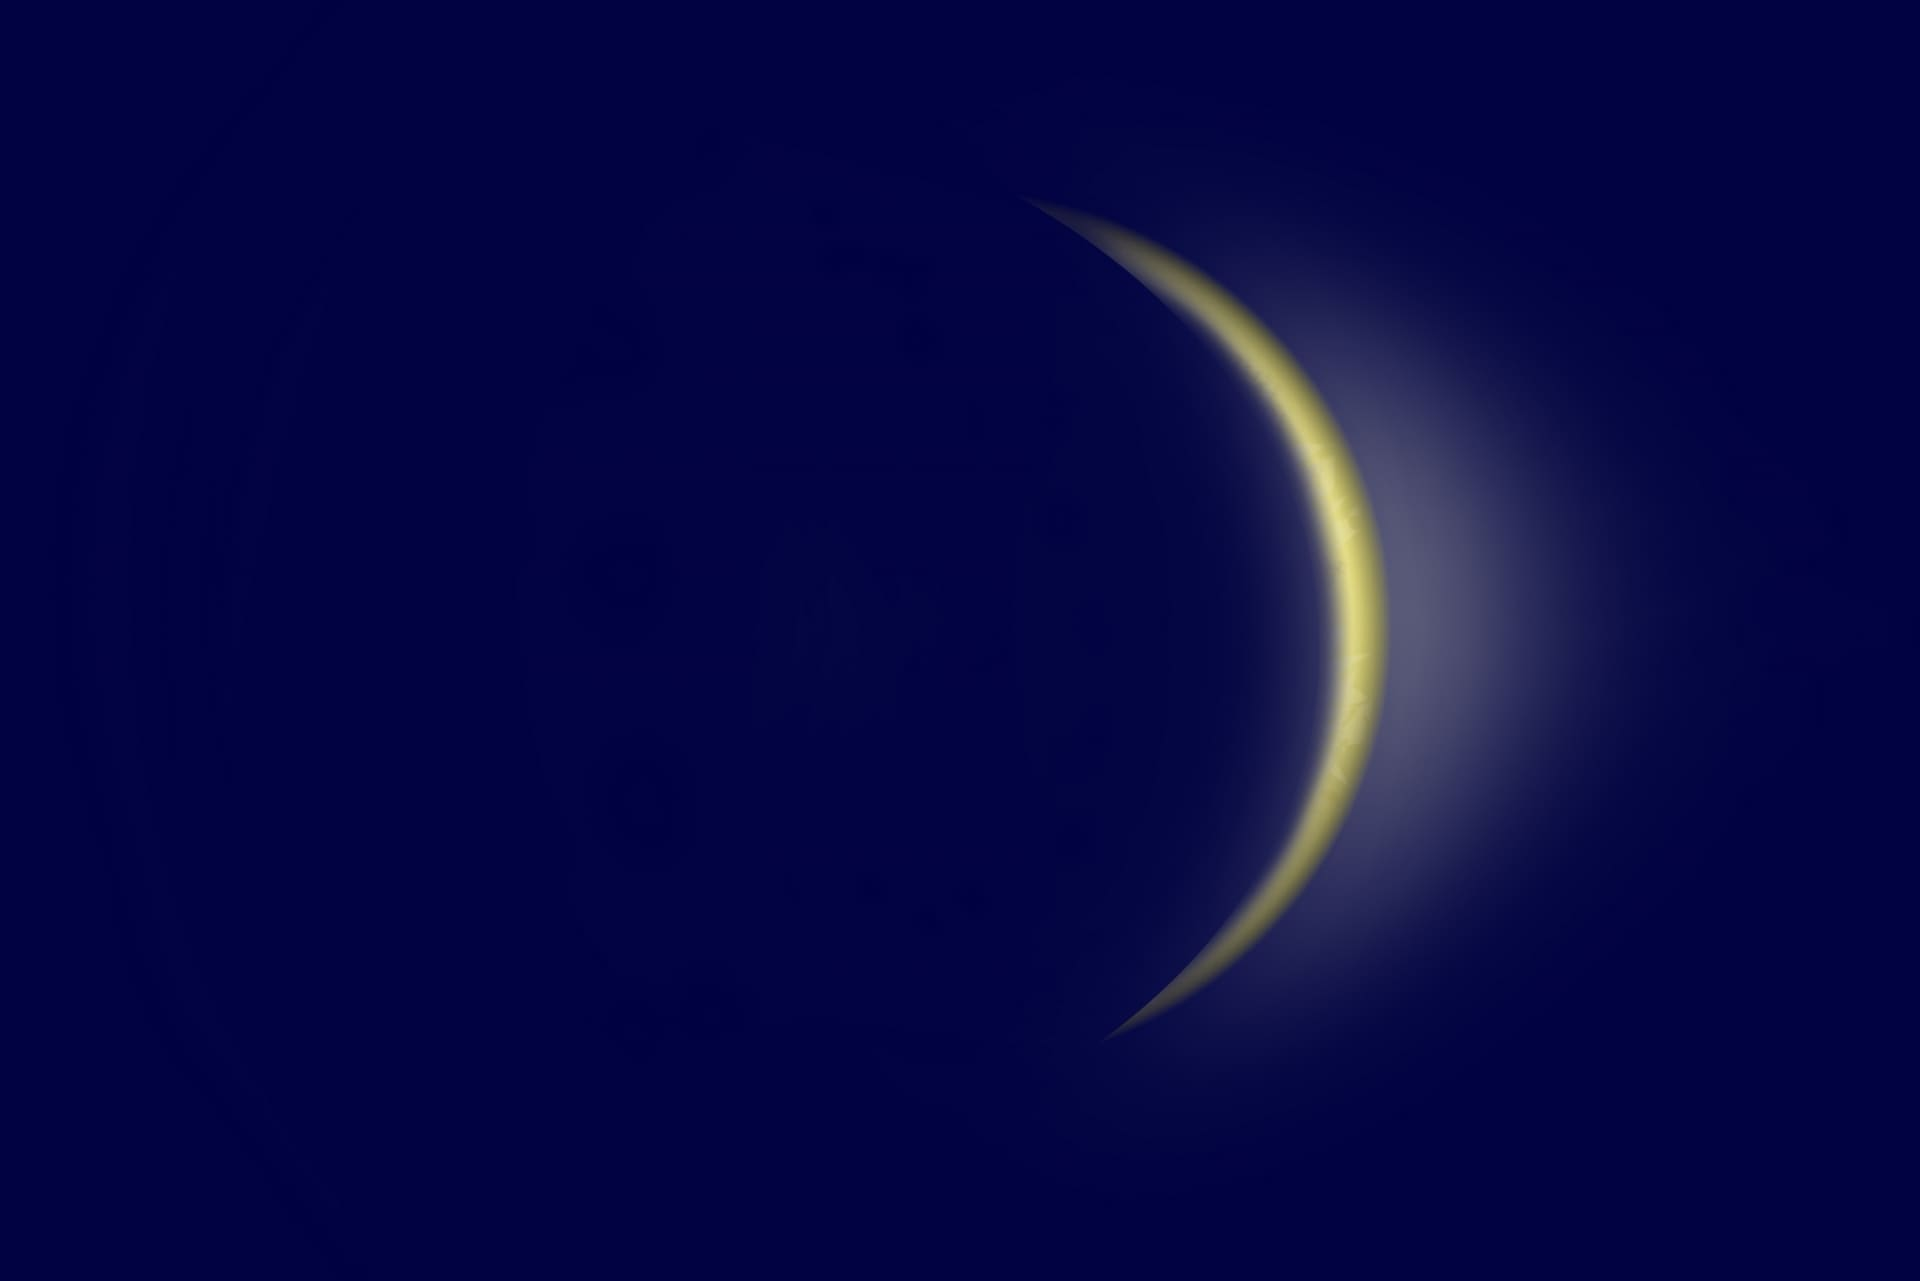 【新月の願い事】2021年2月、水瓶座の新月で叶うあなたの願い事は?